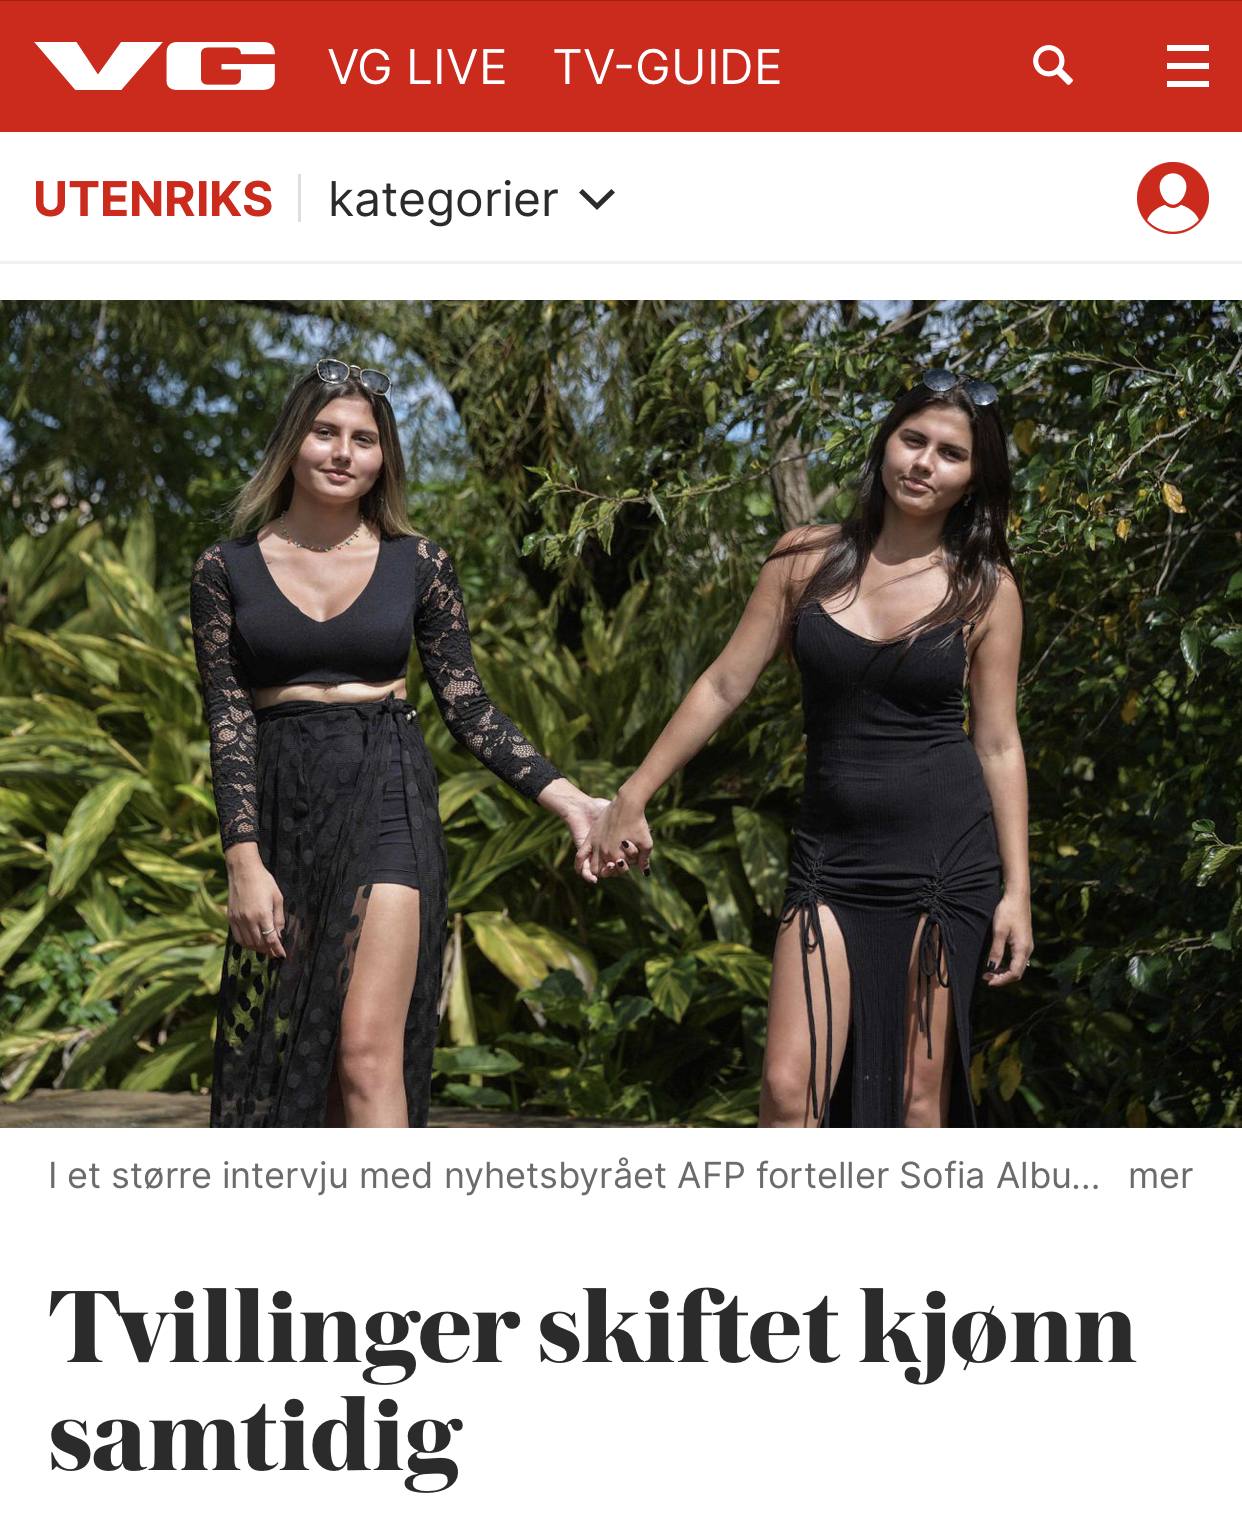 Tvillinger skifter kjønn